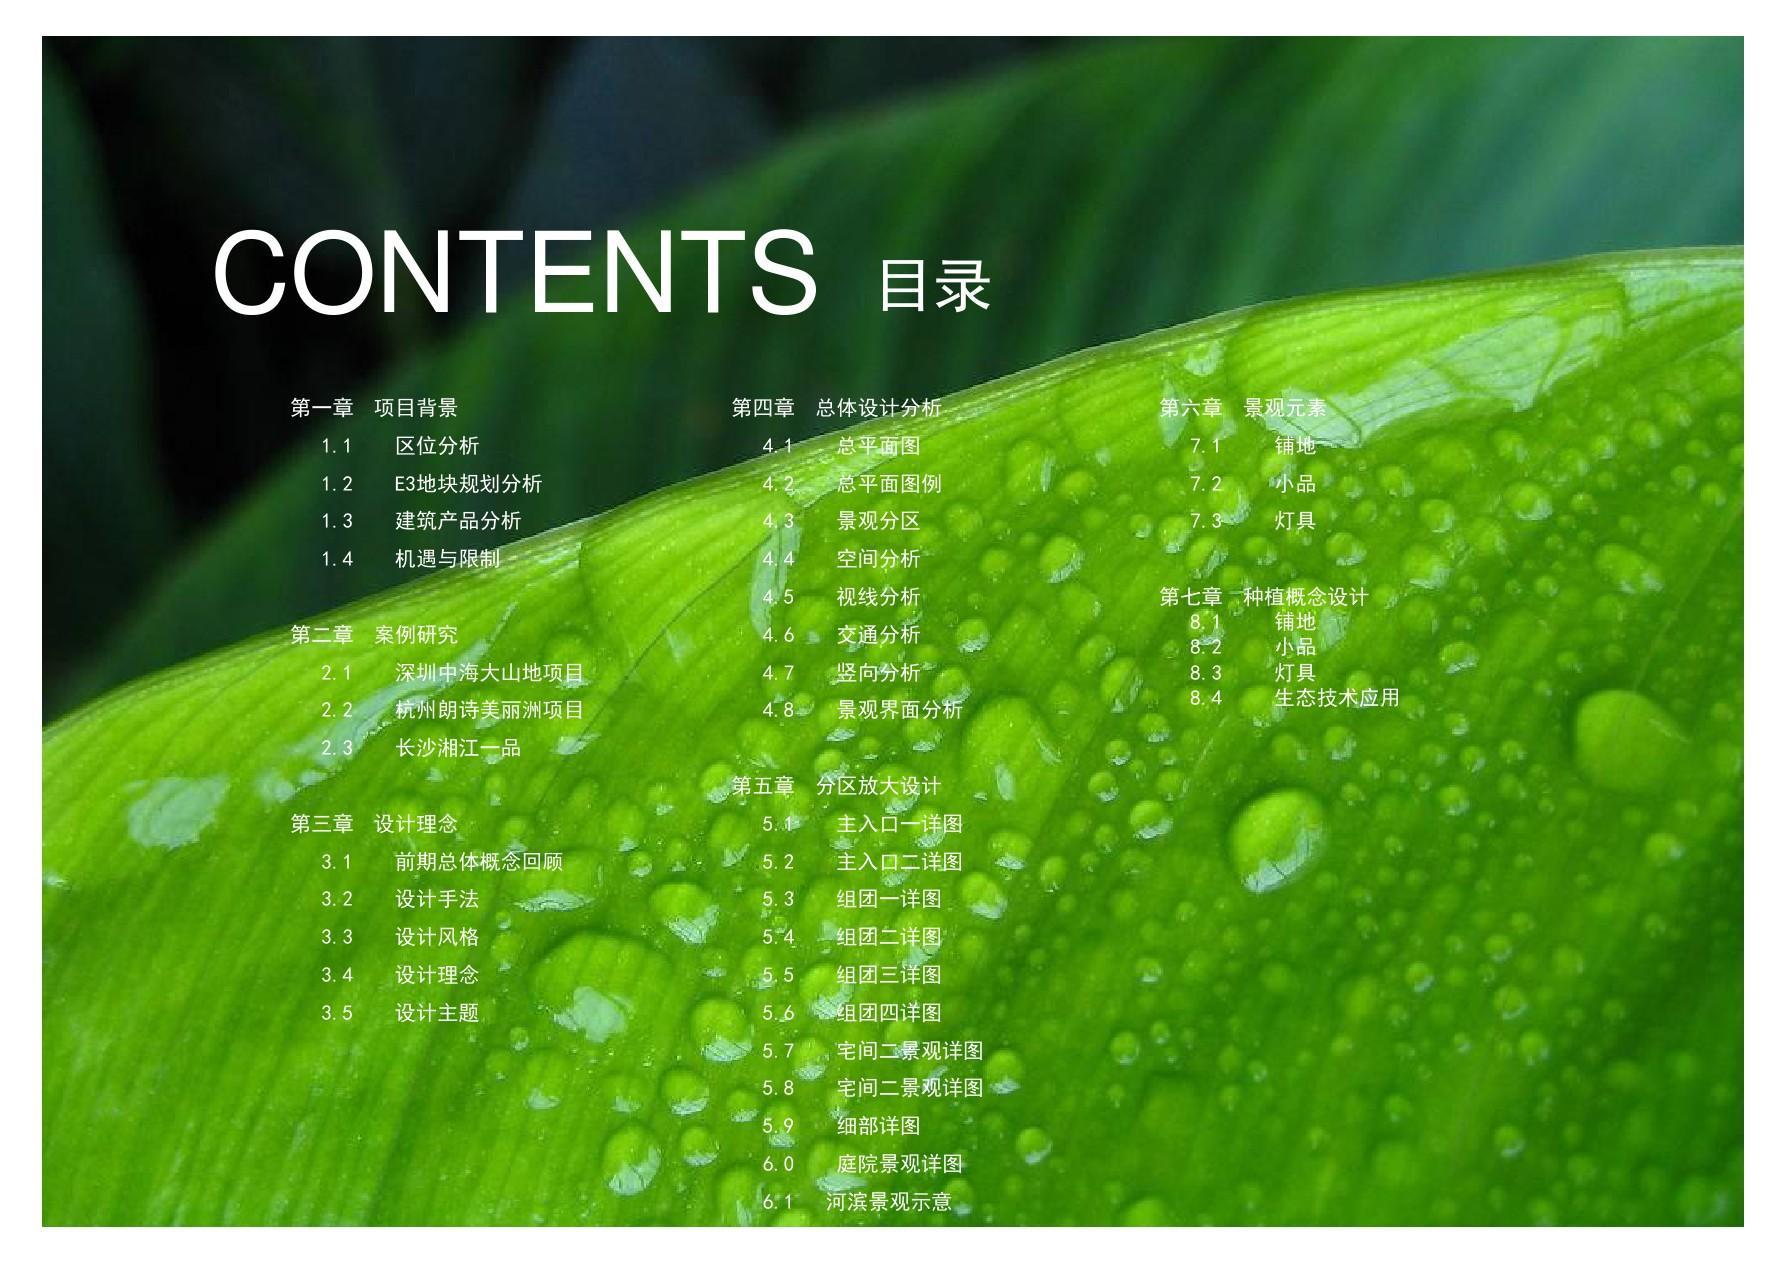 壁纸桌面背景绿叶树叶植物地产1786_1263总监平面设计绿色工作职责图片